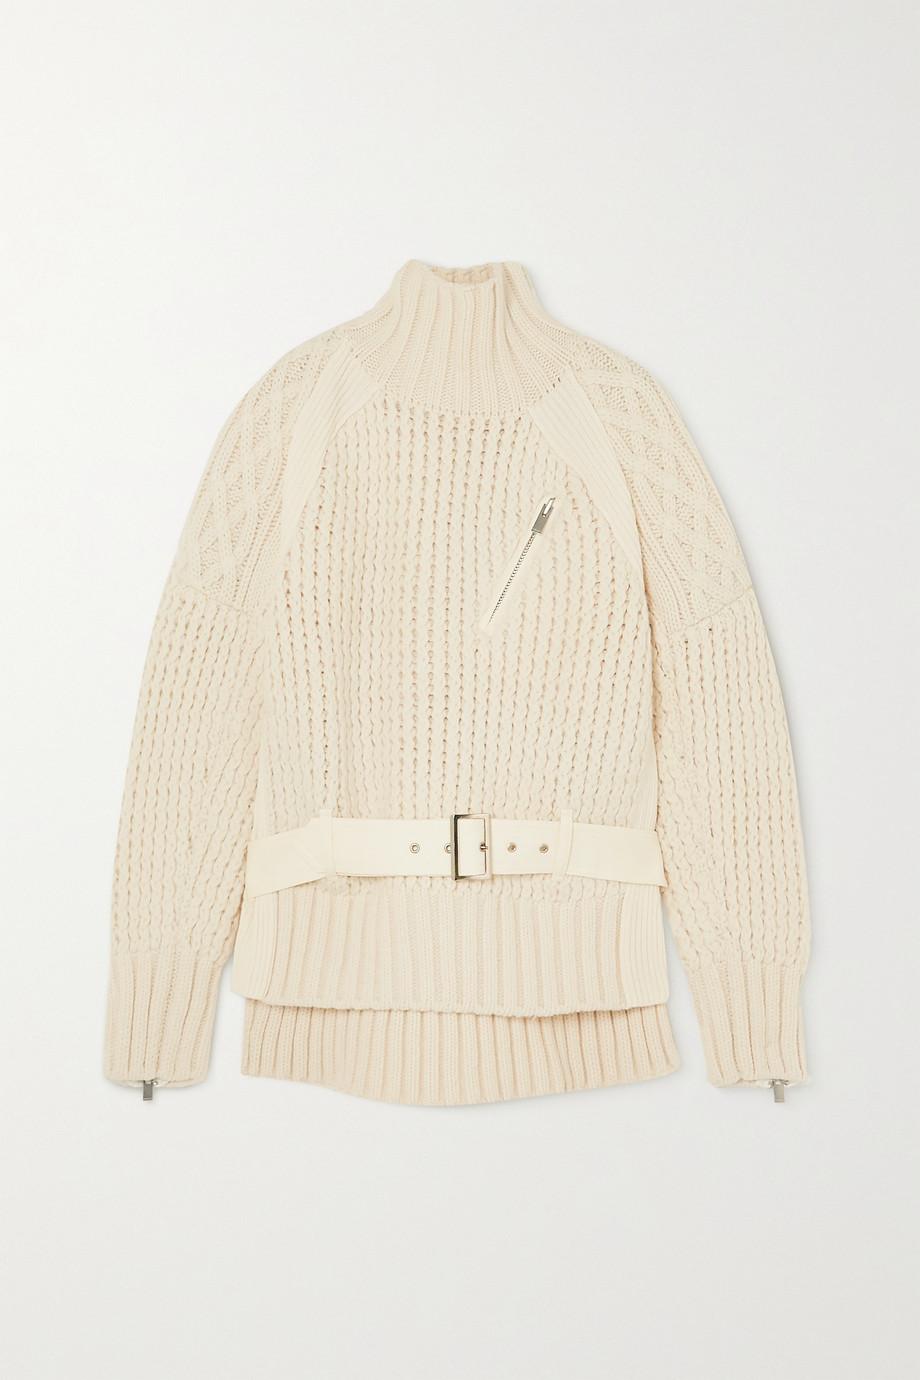 Sacai Pullover aus Wolle in Zopfstrick und Filz mit Gürtel